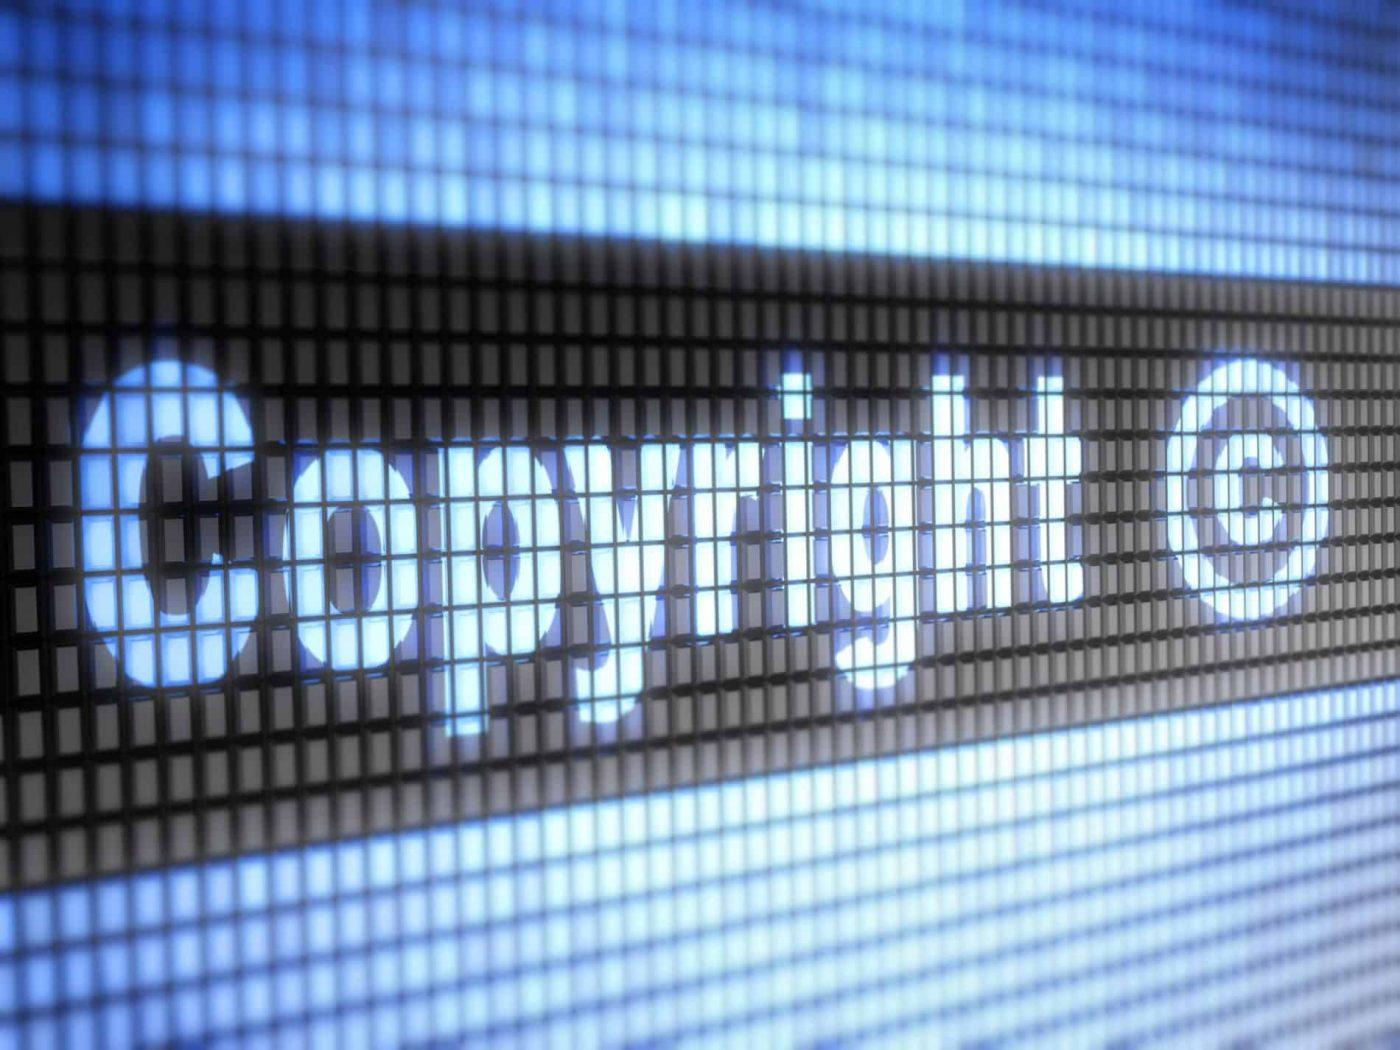 Directiva Copyright. Reglementări dure pentru giganții tehnologici, concesii pentru start-up-uri